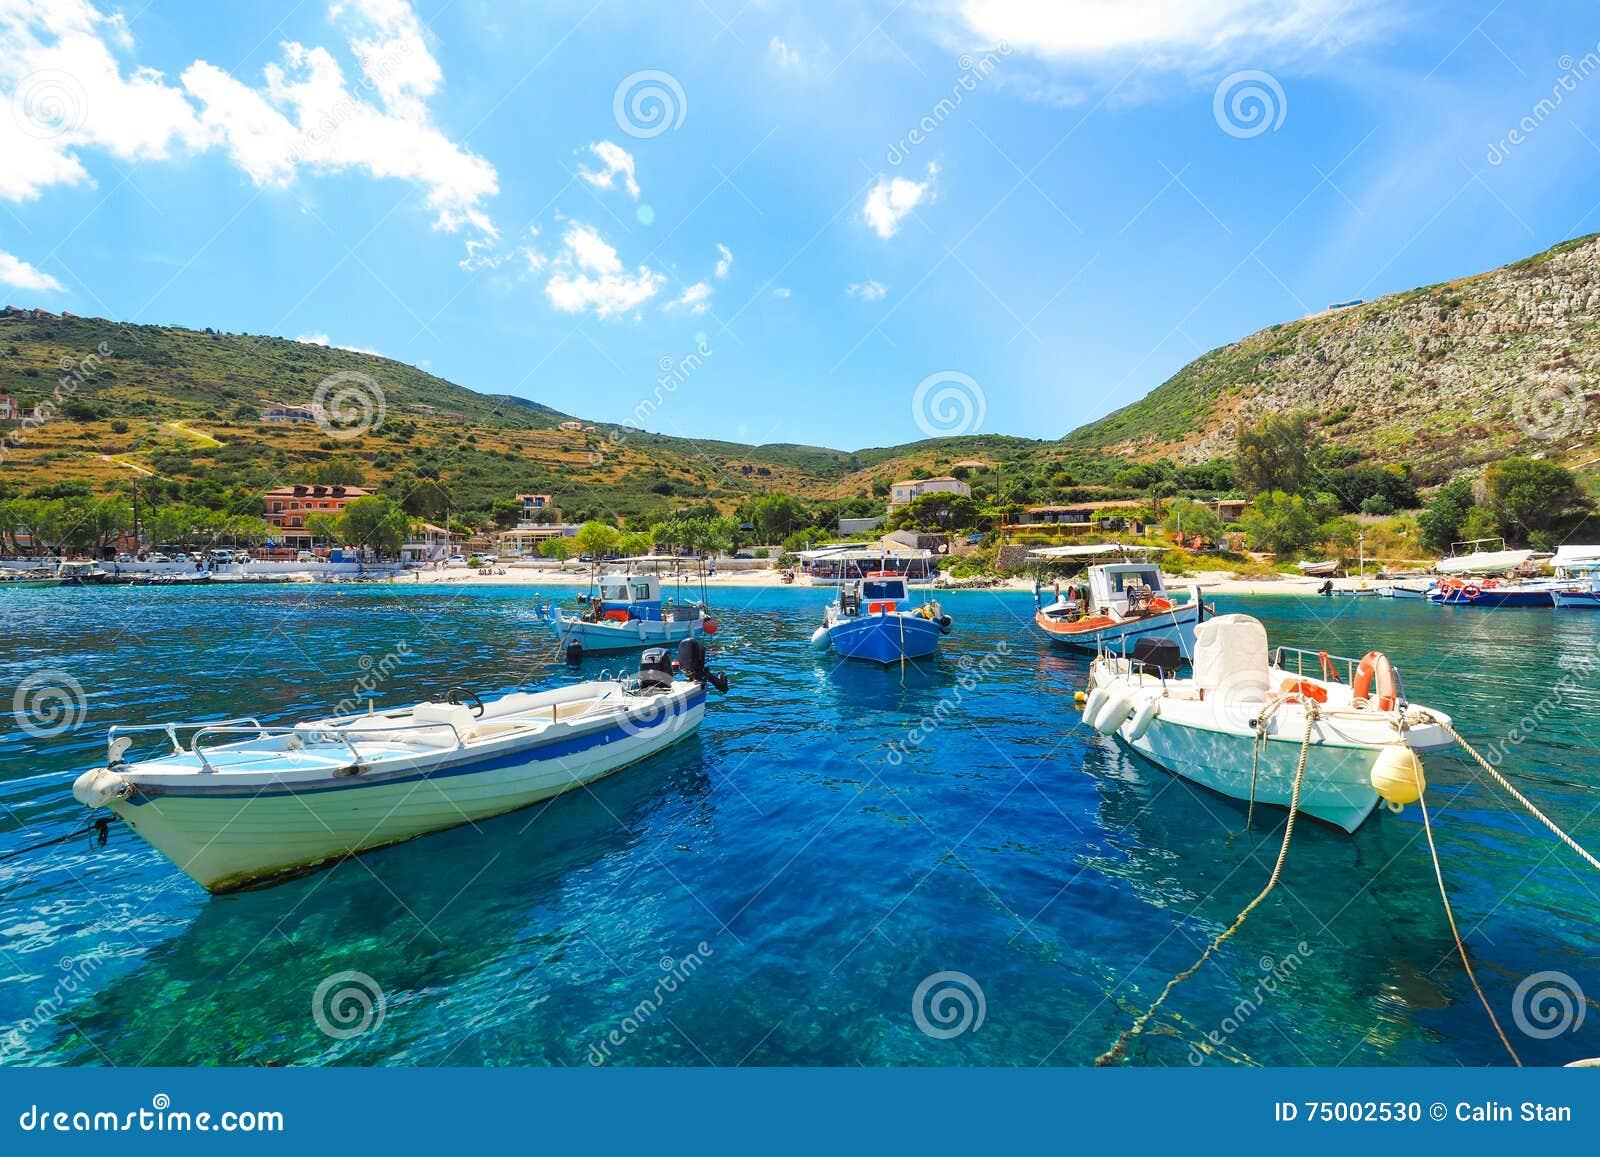 Νησί της Ζάκυνθου λιμένων του Άγιου Νικολάου το καλοκαίρι, με το σαφές β